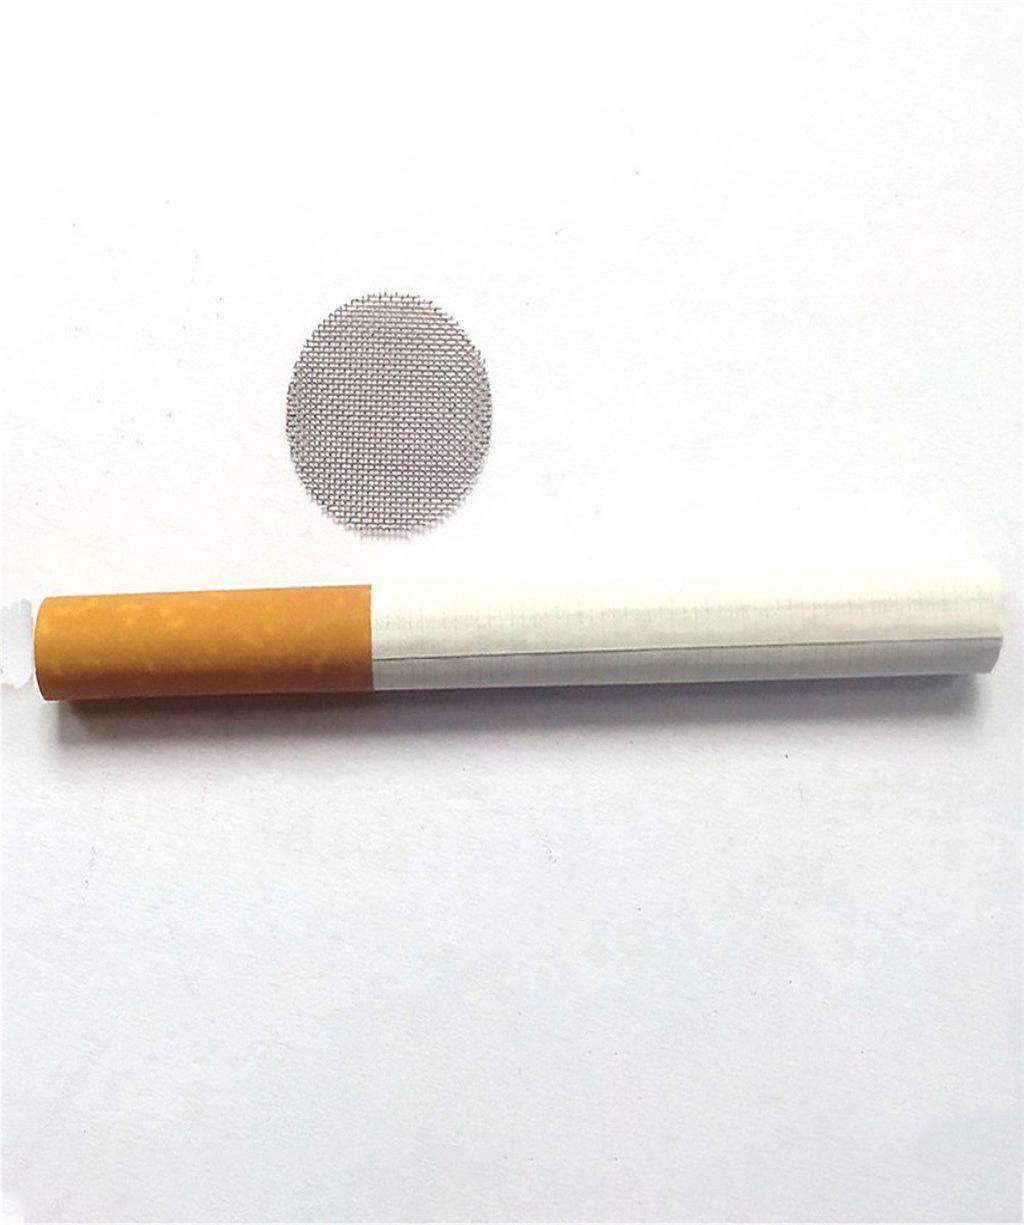 Vaycally 200Pcs fumeurs pipe /écrans haute qualit/é grade durable en acier inoxydable multifonctionnel narguil/é tuyau d/'eau filtres en m/étal fum/ée pipes /écran gaze filtre maille